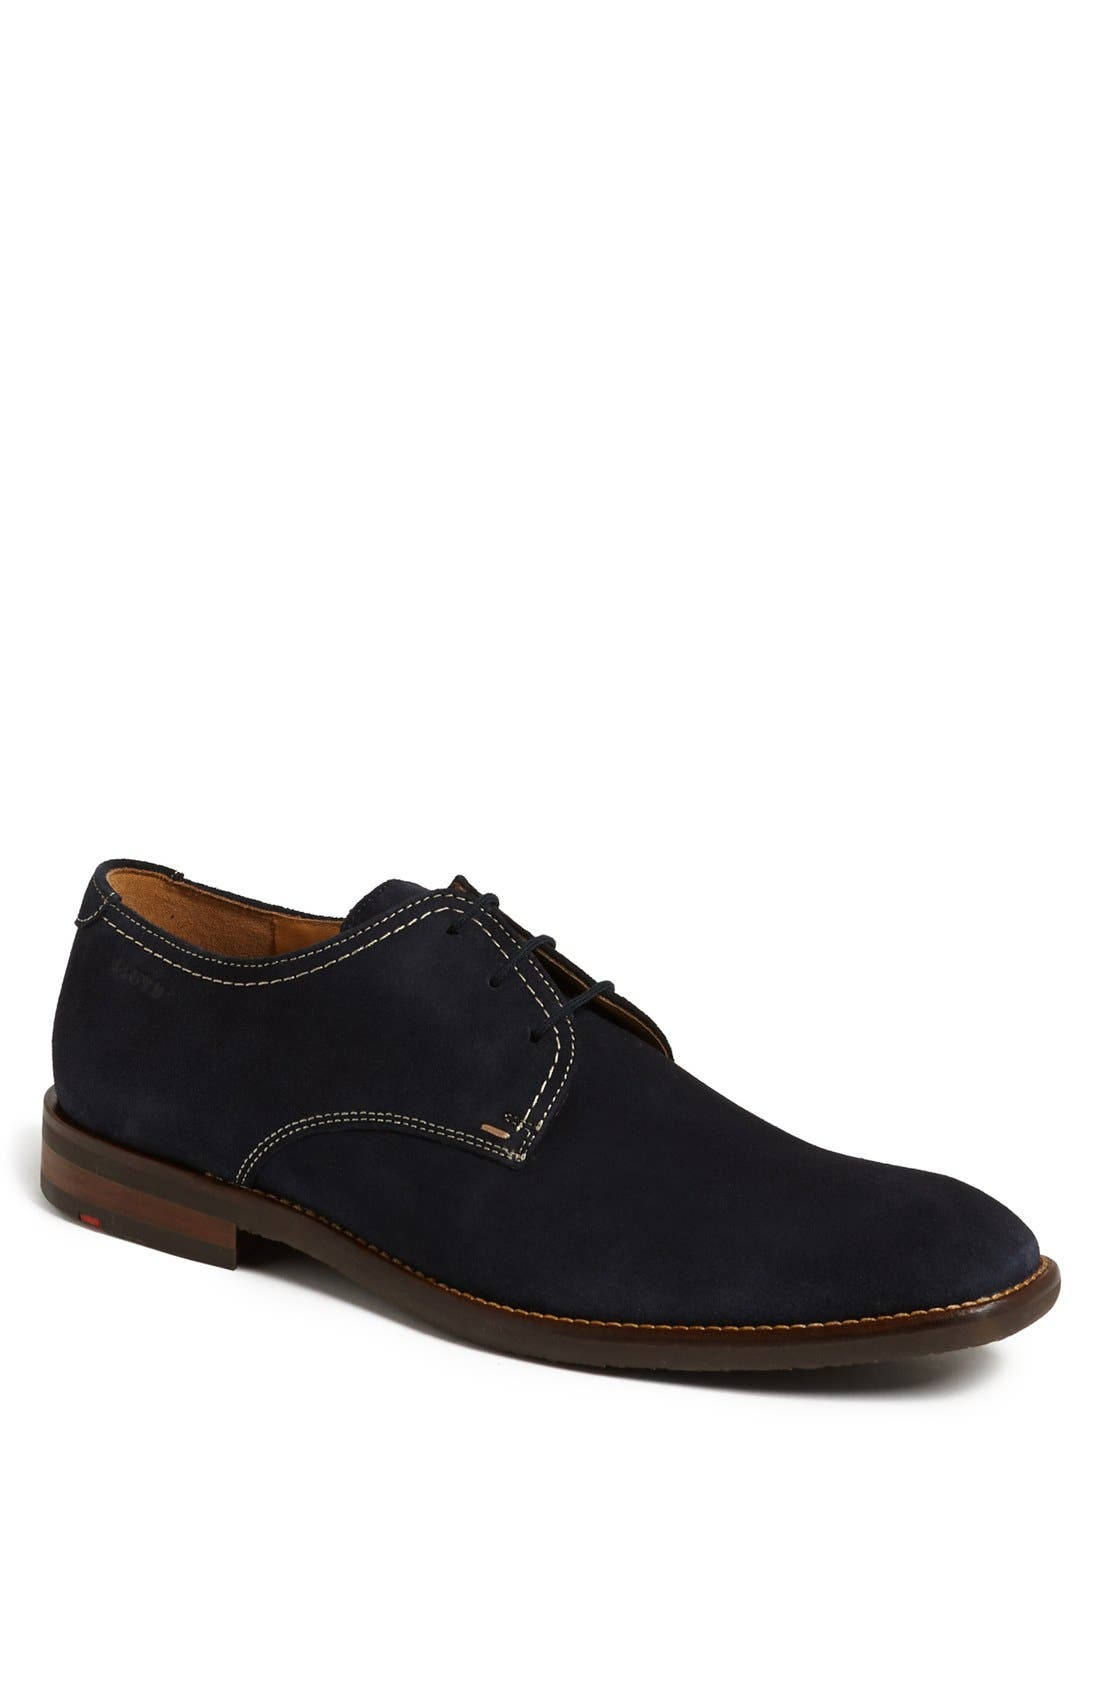 Lloyd 'Hel' Buck Shoe